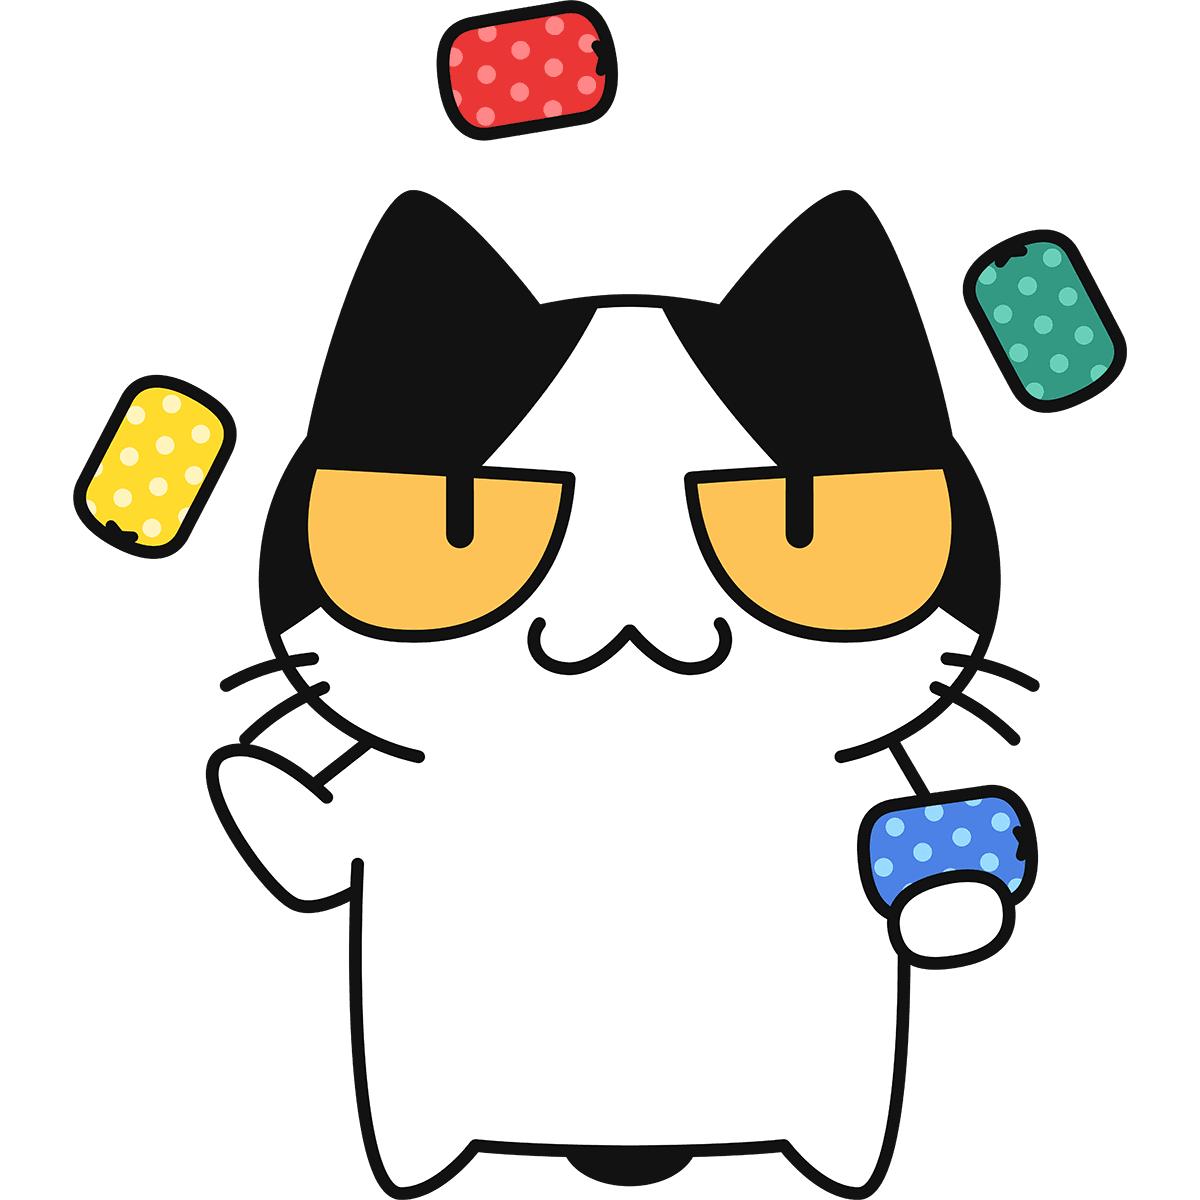 お手玉をする猫の無料イラスト